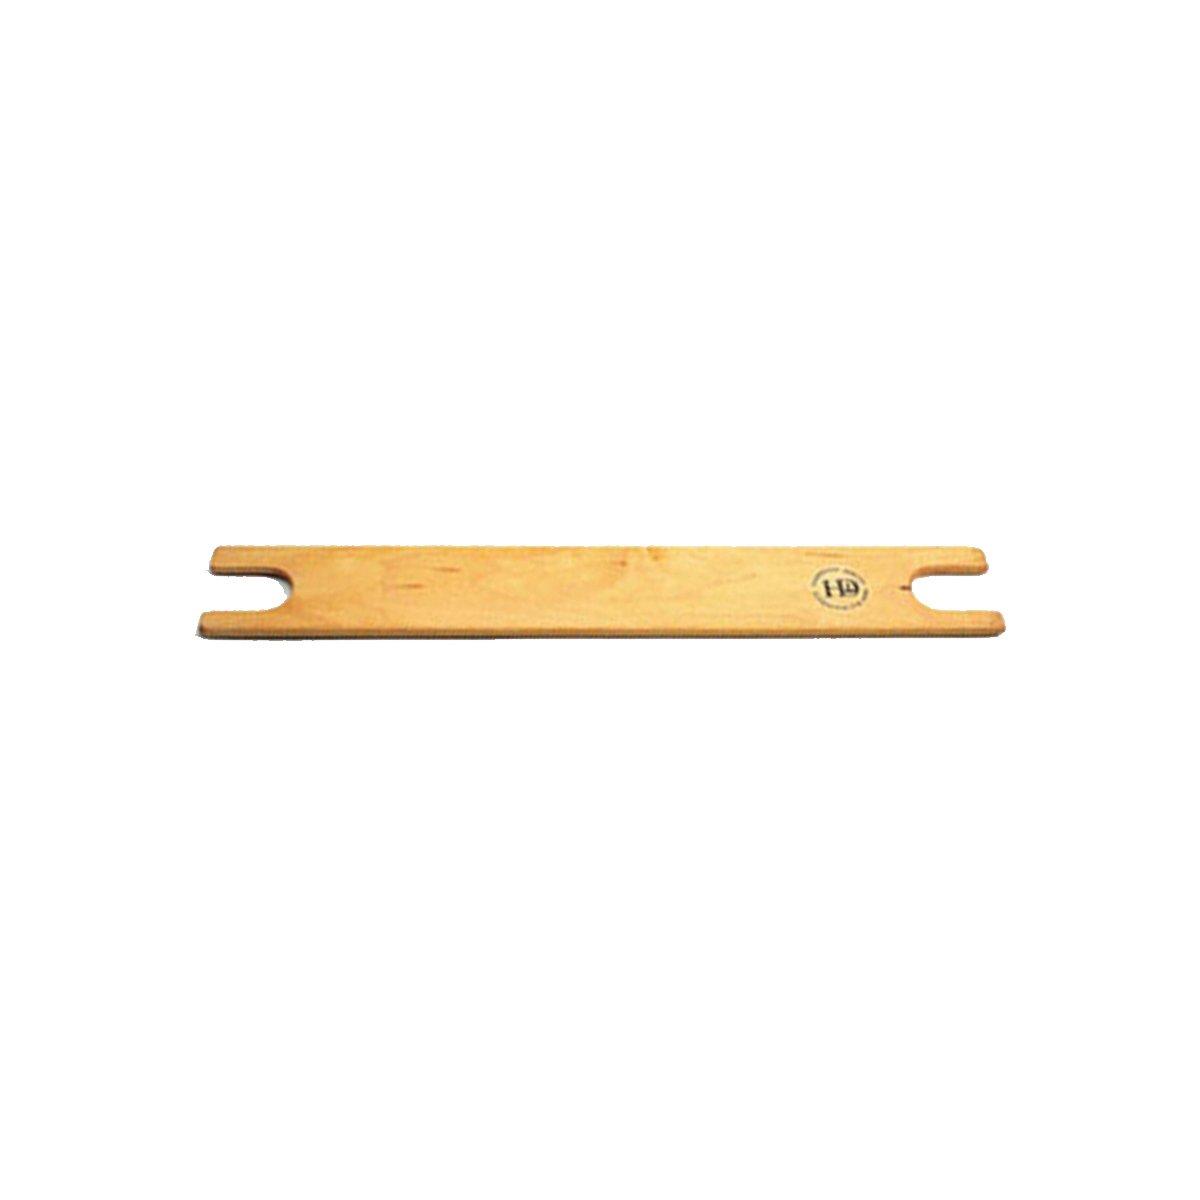 2 Flat Wooden Stick Shuttles-9 inch